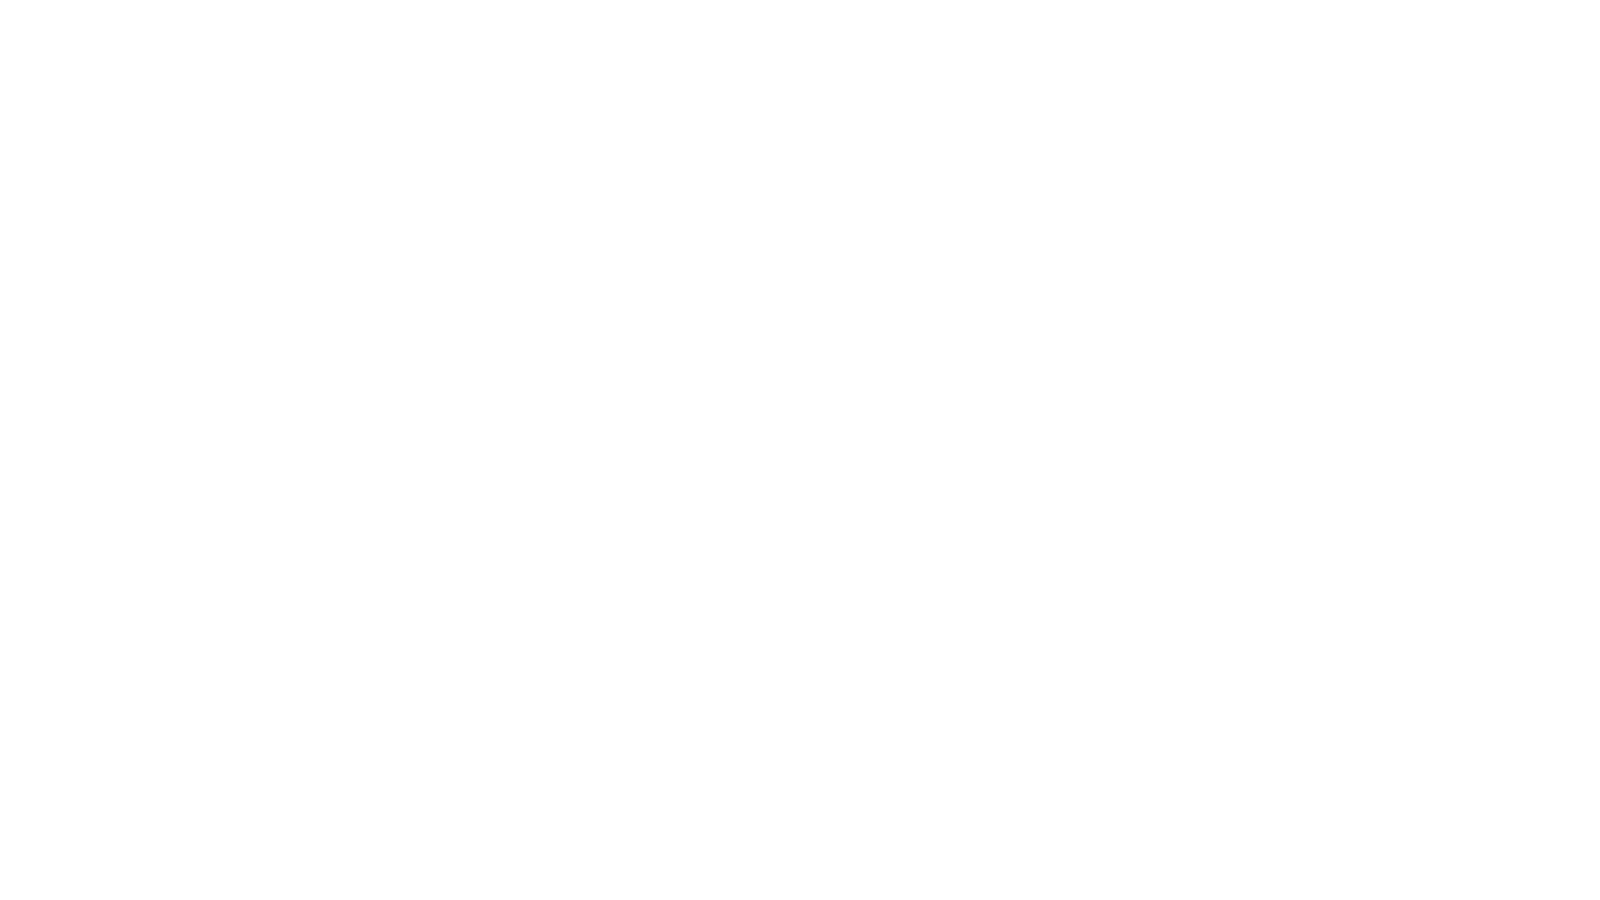 A l'initiative du Ministère de l'Education Nationale et de la Jeunesse, du Ministère de l'Enseignement supérieur de la recherche et de l'innovation, et du Ministère du Travail, le concours « Je filme le métier qui me plaît » est une occasion unique pour des jeunes de découvrir le monde professionnel, de s'approprier des codes, des savoir-être spécifiques aux différents métiers. Ce concours est parrainé par de grands noms du cinéma français comme Jean Dujardin et Claude Lelouch ou Jean Reno.   Venez ressentir les fibres et les essences du bois en partant à la découverte d'un métier peu connu, mais pourtant bien présent depuis des siècles...  Une énergie et un investissement plus que récompensés puisque nos jeunes ont obtenu le Clap d'argent !  L'aventure continue puisque nous recrutons à présent les personnes qui nous représenteront pour l'année prochaine. Alors si tu souhaites, toi aussi participer à ce beau projet, n'hésite pas à en parler à ton conseiller ! Les premiers ateliers débuteront à la rentrée de septembre.